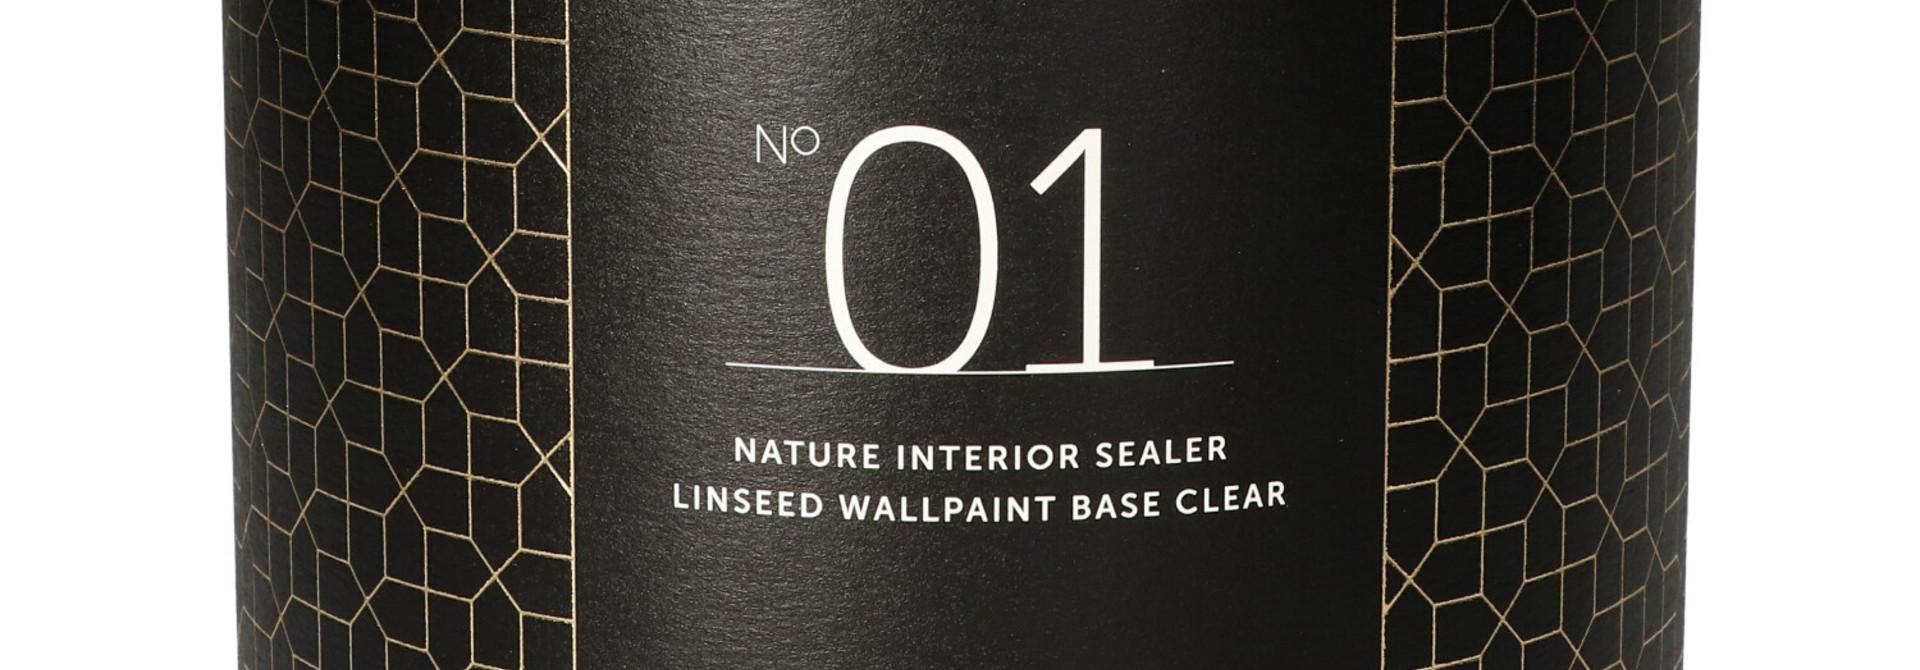 No. 01 NATURE INTERIOR SEALER - 2,5L